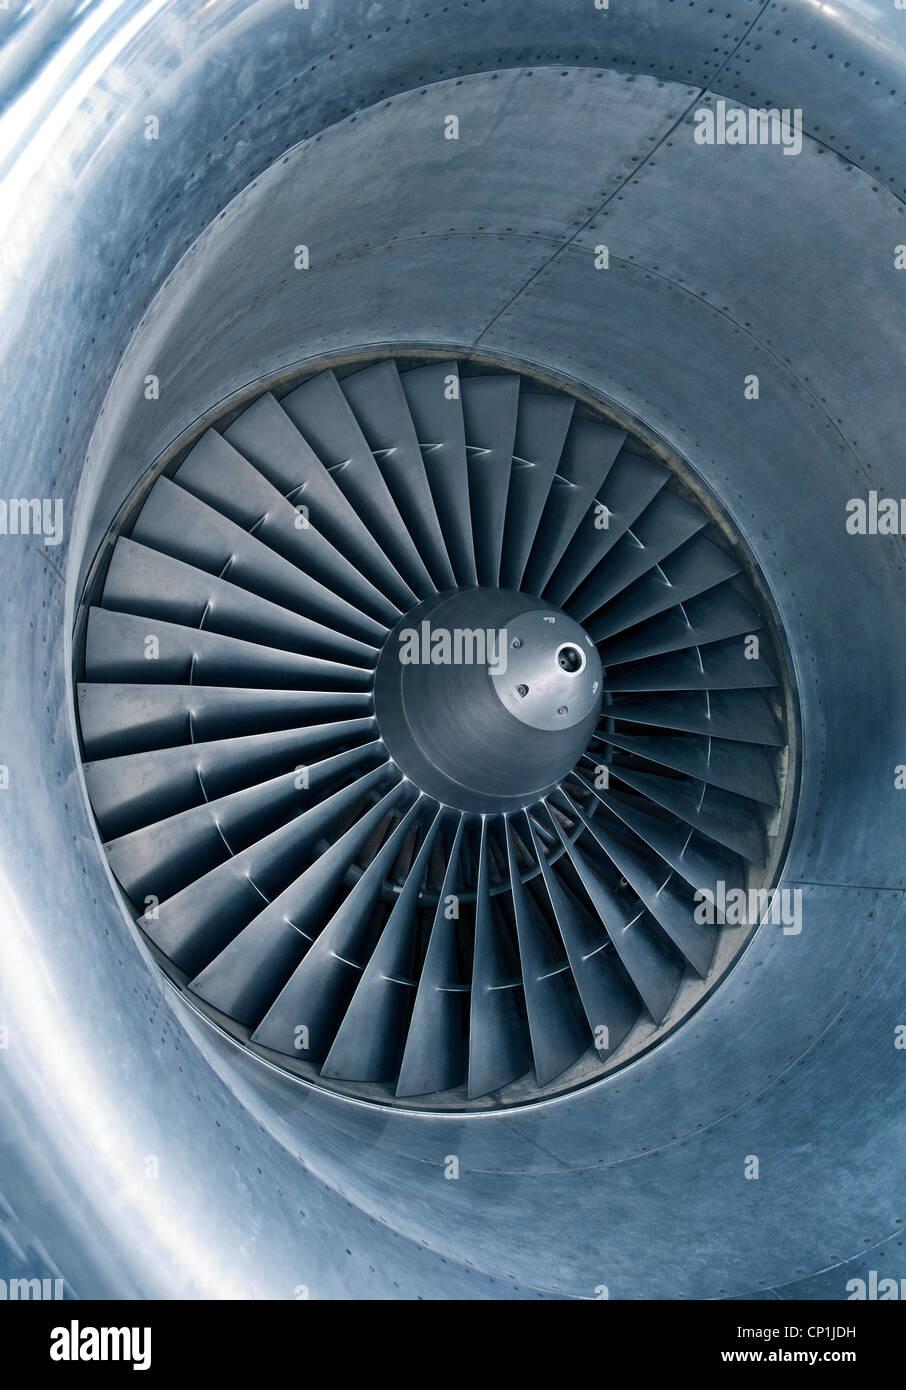 Detail einer Jet-Turbine. Stockbild